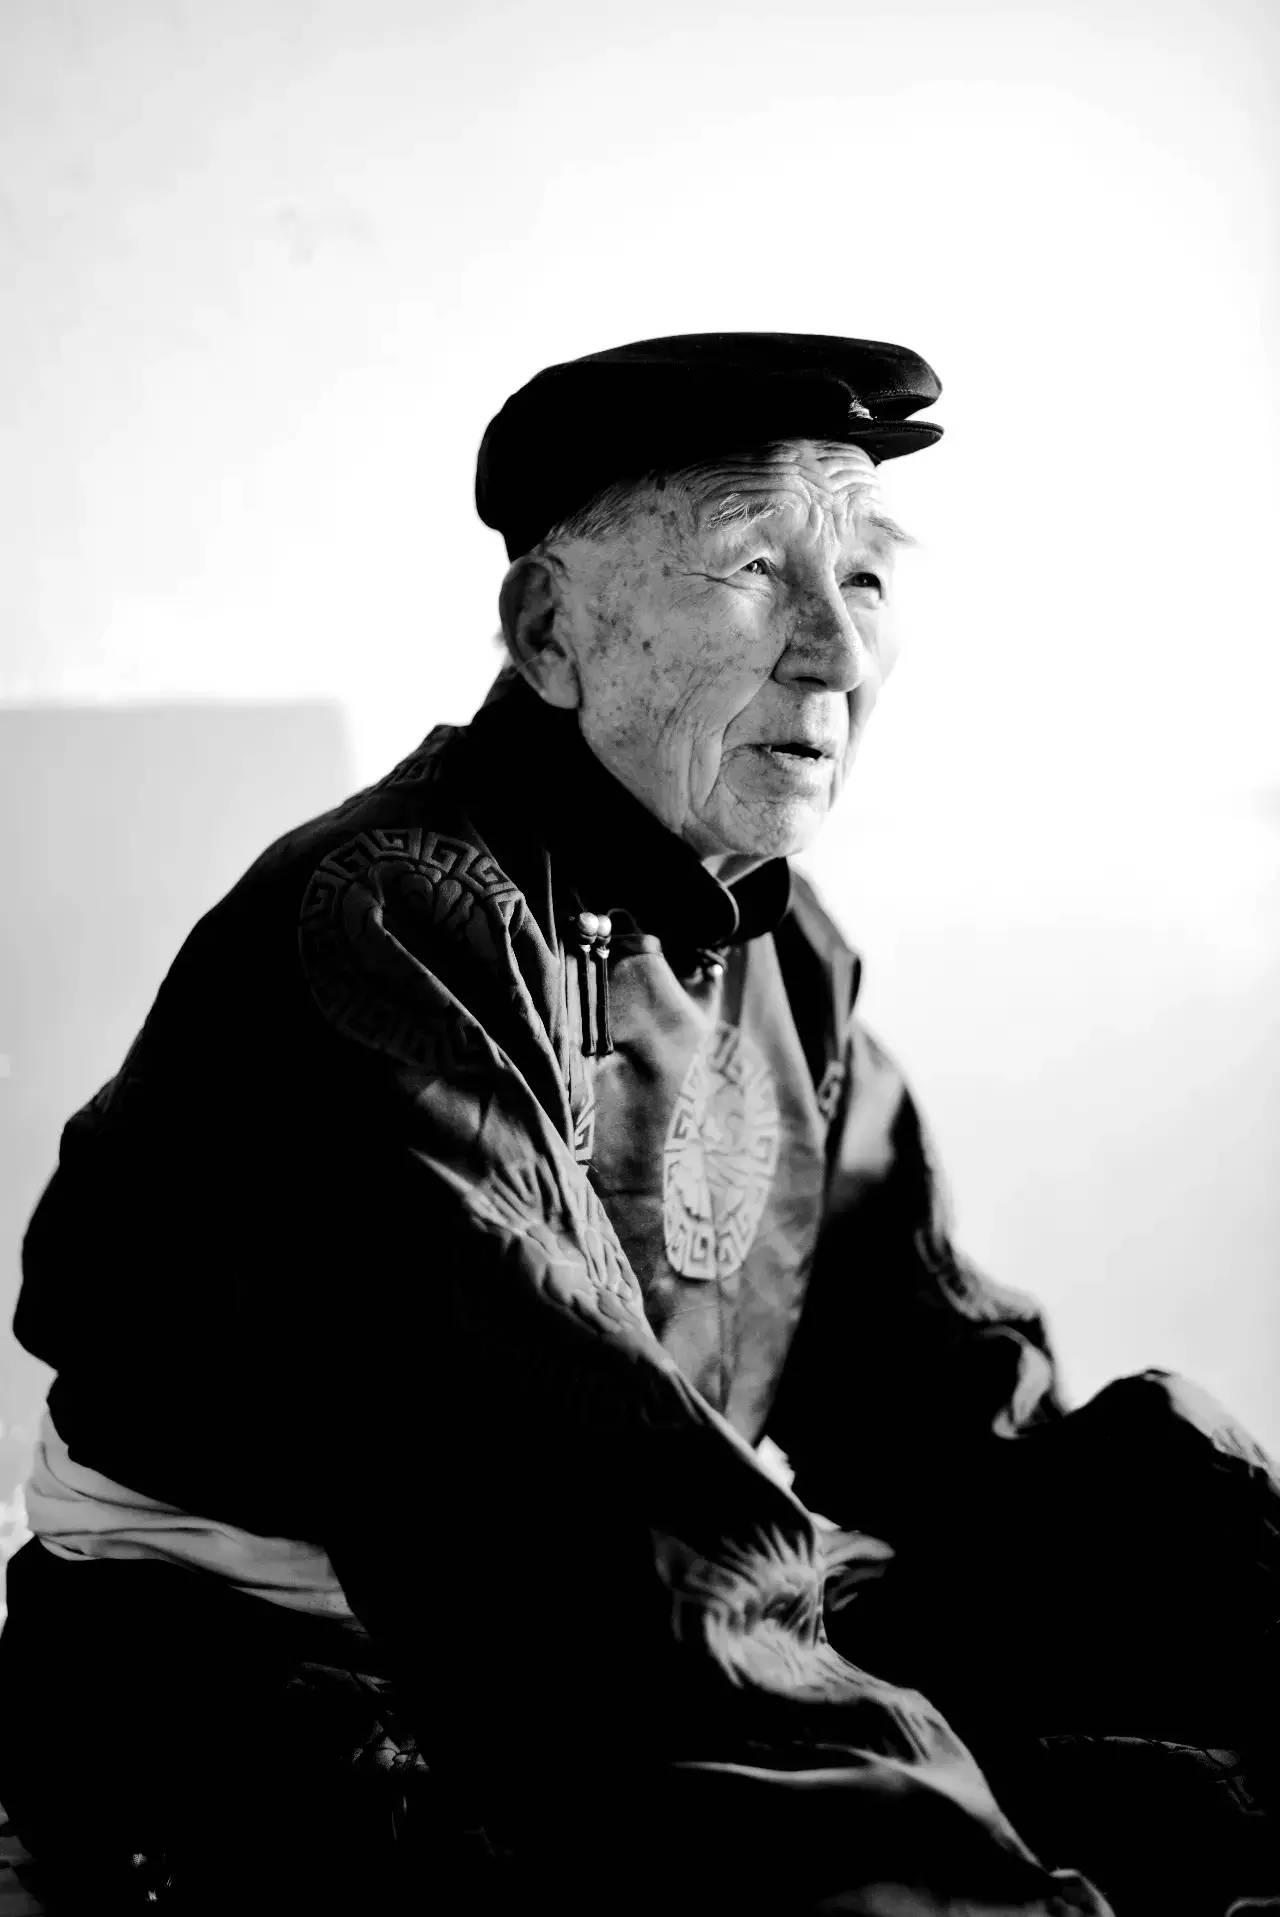 【ANU美图】摄影师吉雅:传统蒙古族牧民黑白纪实作品欣赏 第5张